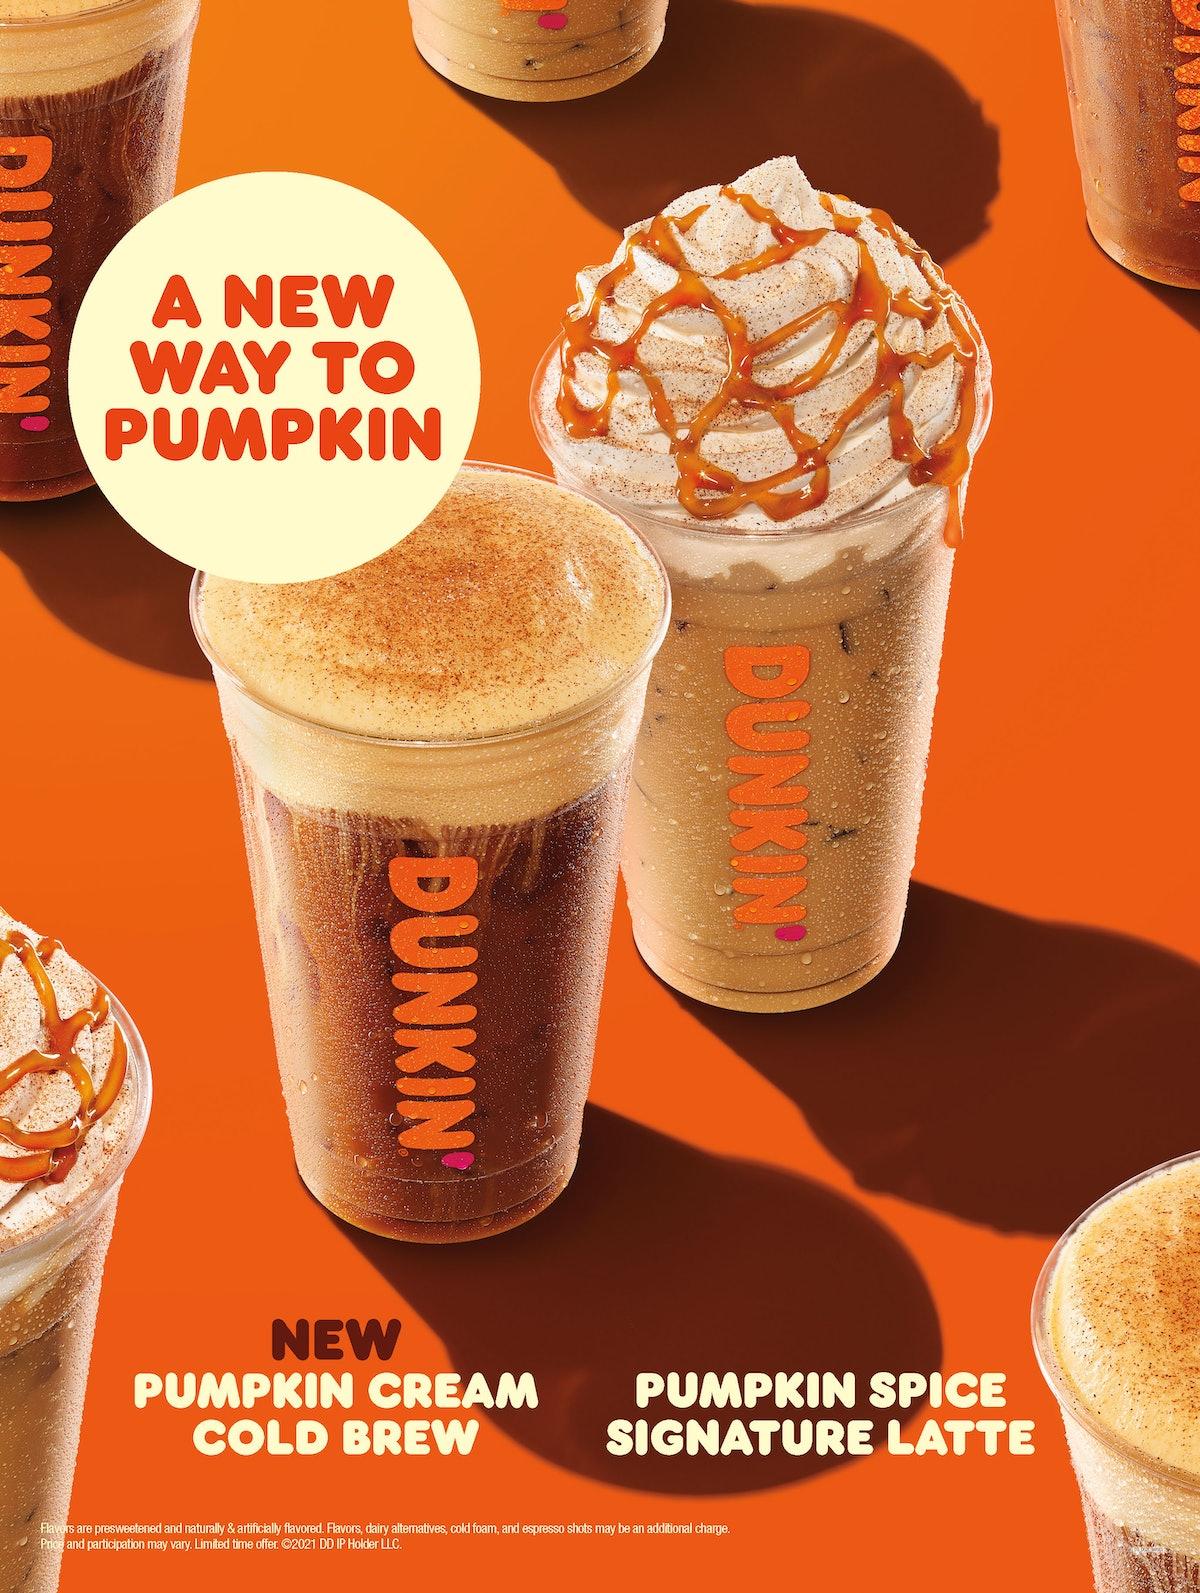 Dunkin's Pumpkin Cream Cold Brew caffeine count is impressive.